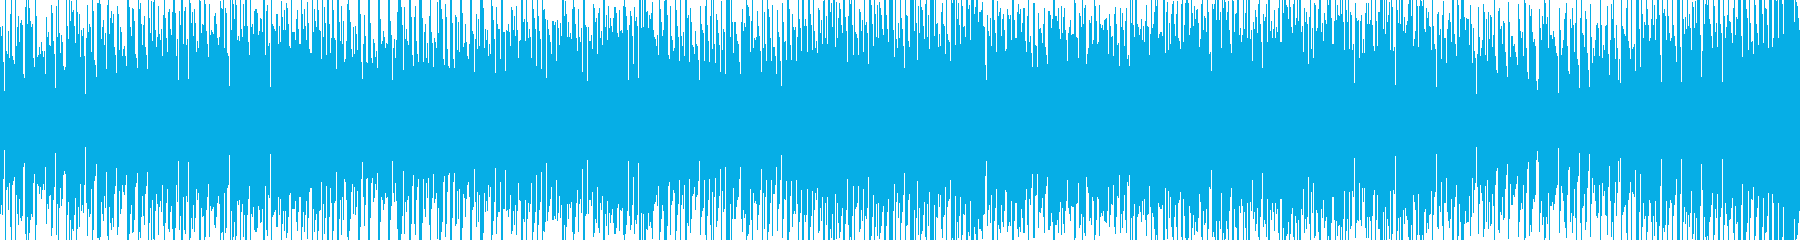 BGM・映像・疾走感・EDM・ループ仕様の再生済みの波形